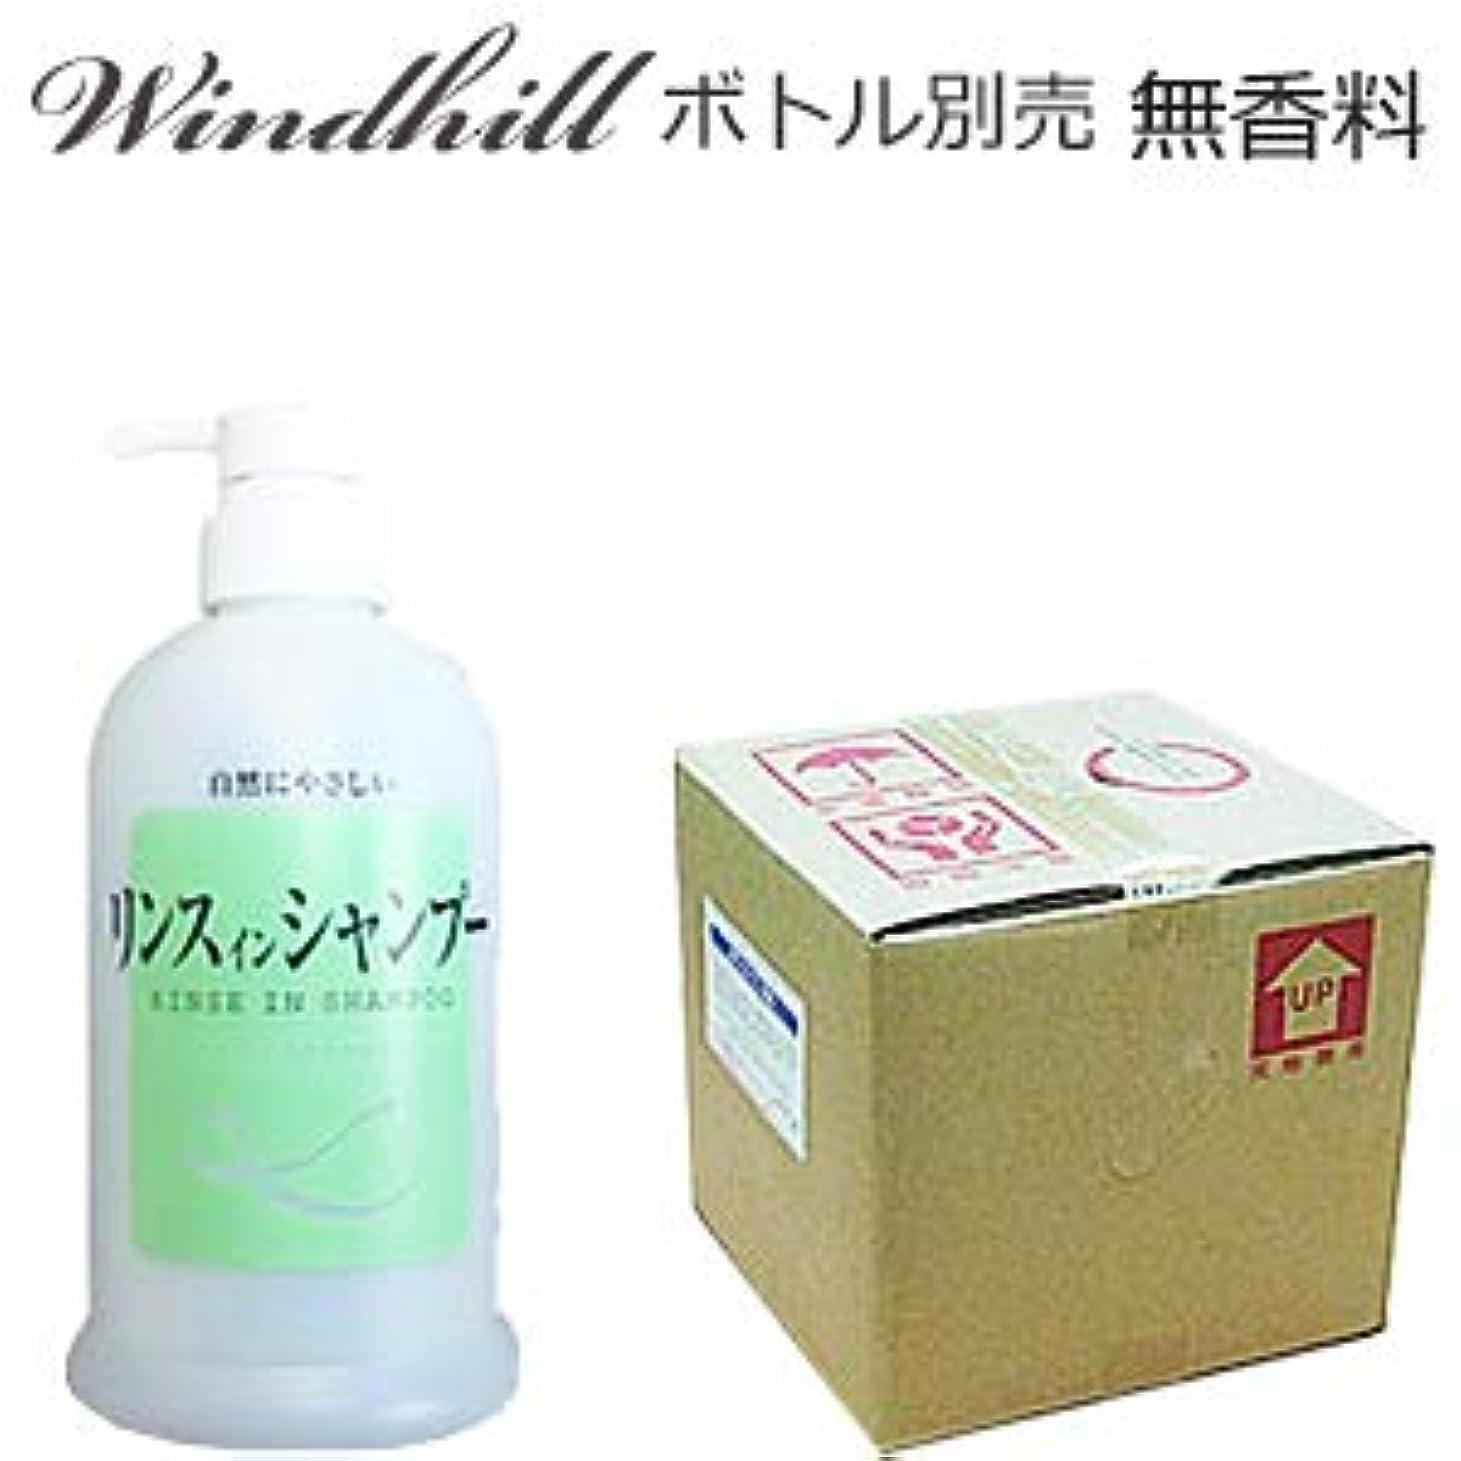 過言争う毎日Windhill 植物性 業務用ボディソープ 無香料 20L(1セット20L入)